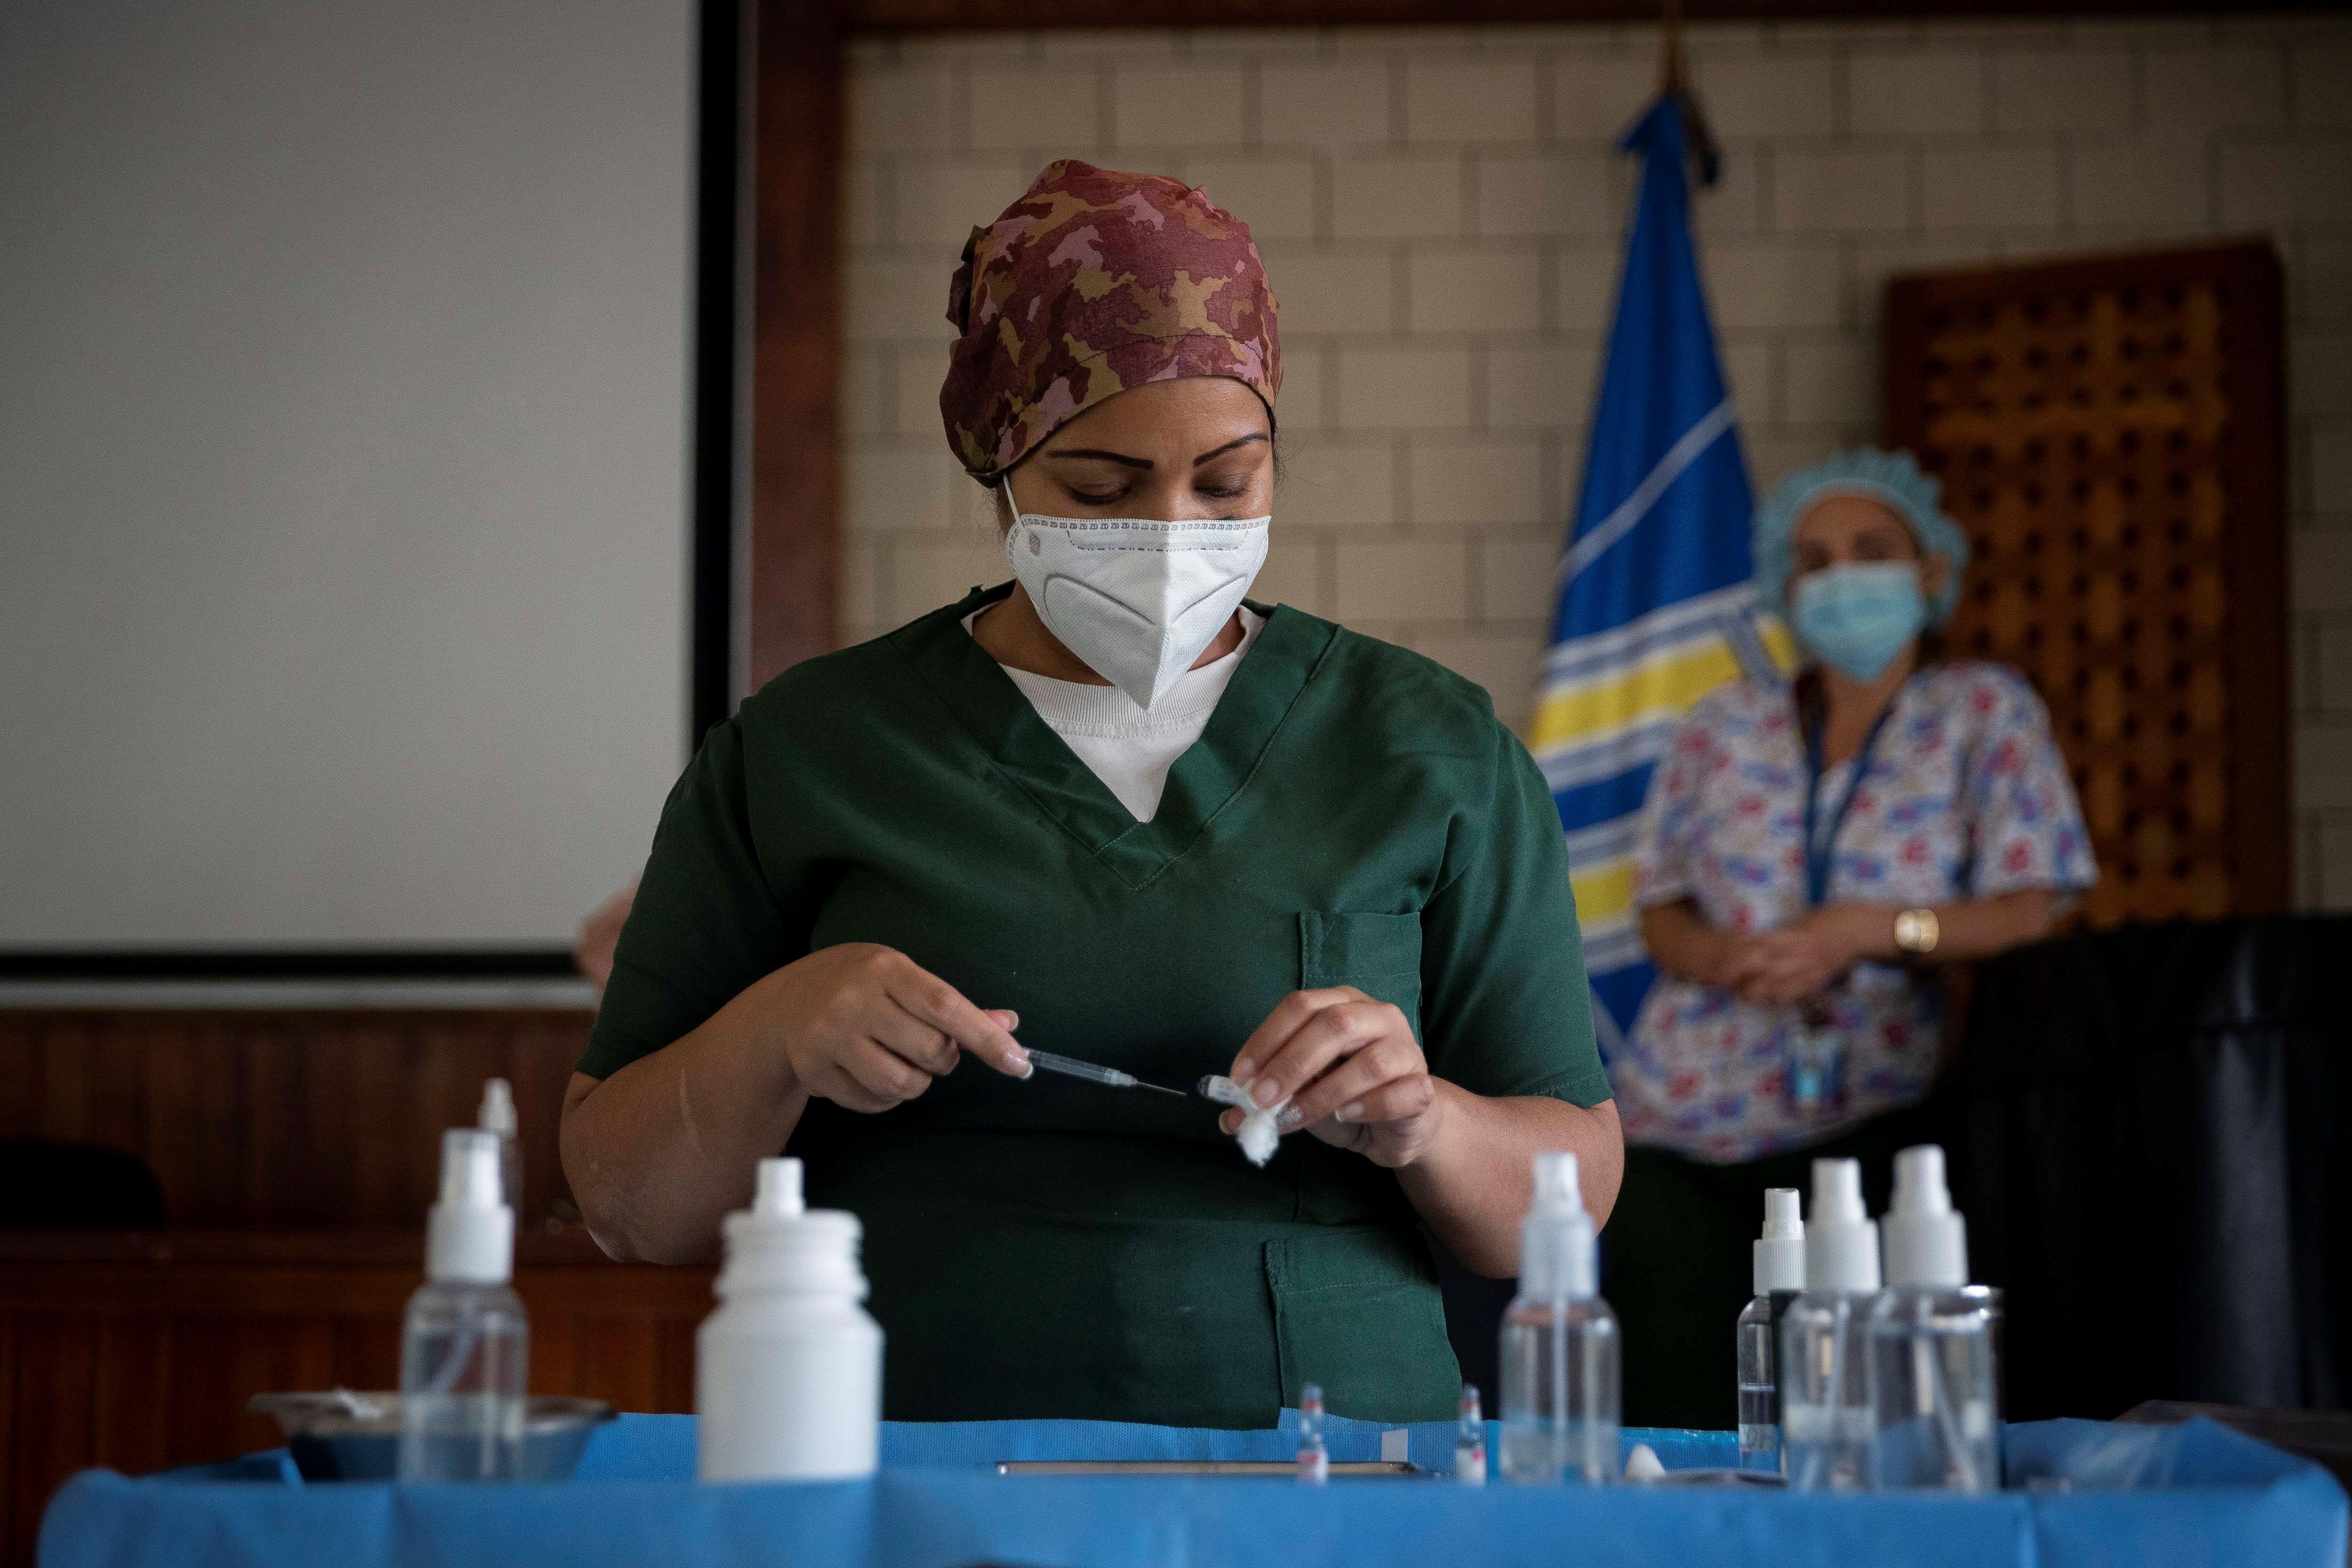 Una enfermera prepara una dosis de la vacuna rusa Sputnik V , durante una jornada de vacunación de trabajadores de la salud, el 7 de abril en Caracas (Venezuela). EFE/RAYNER PEÑA R./Archivo